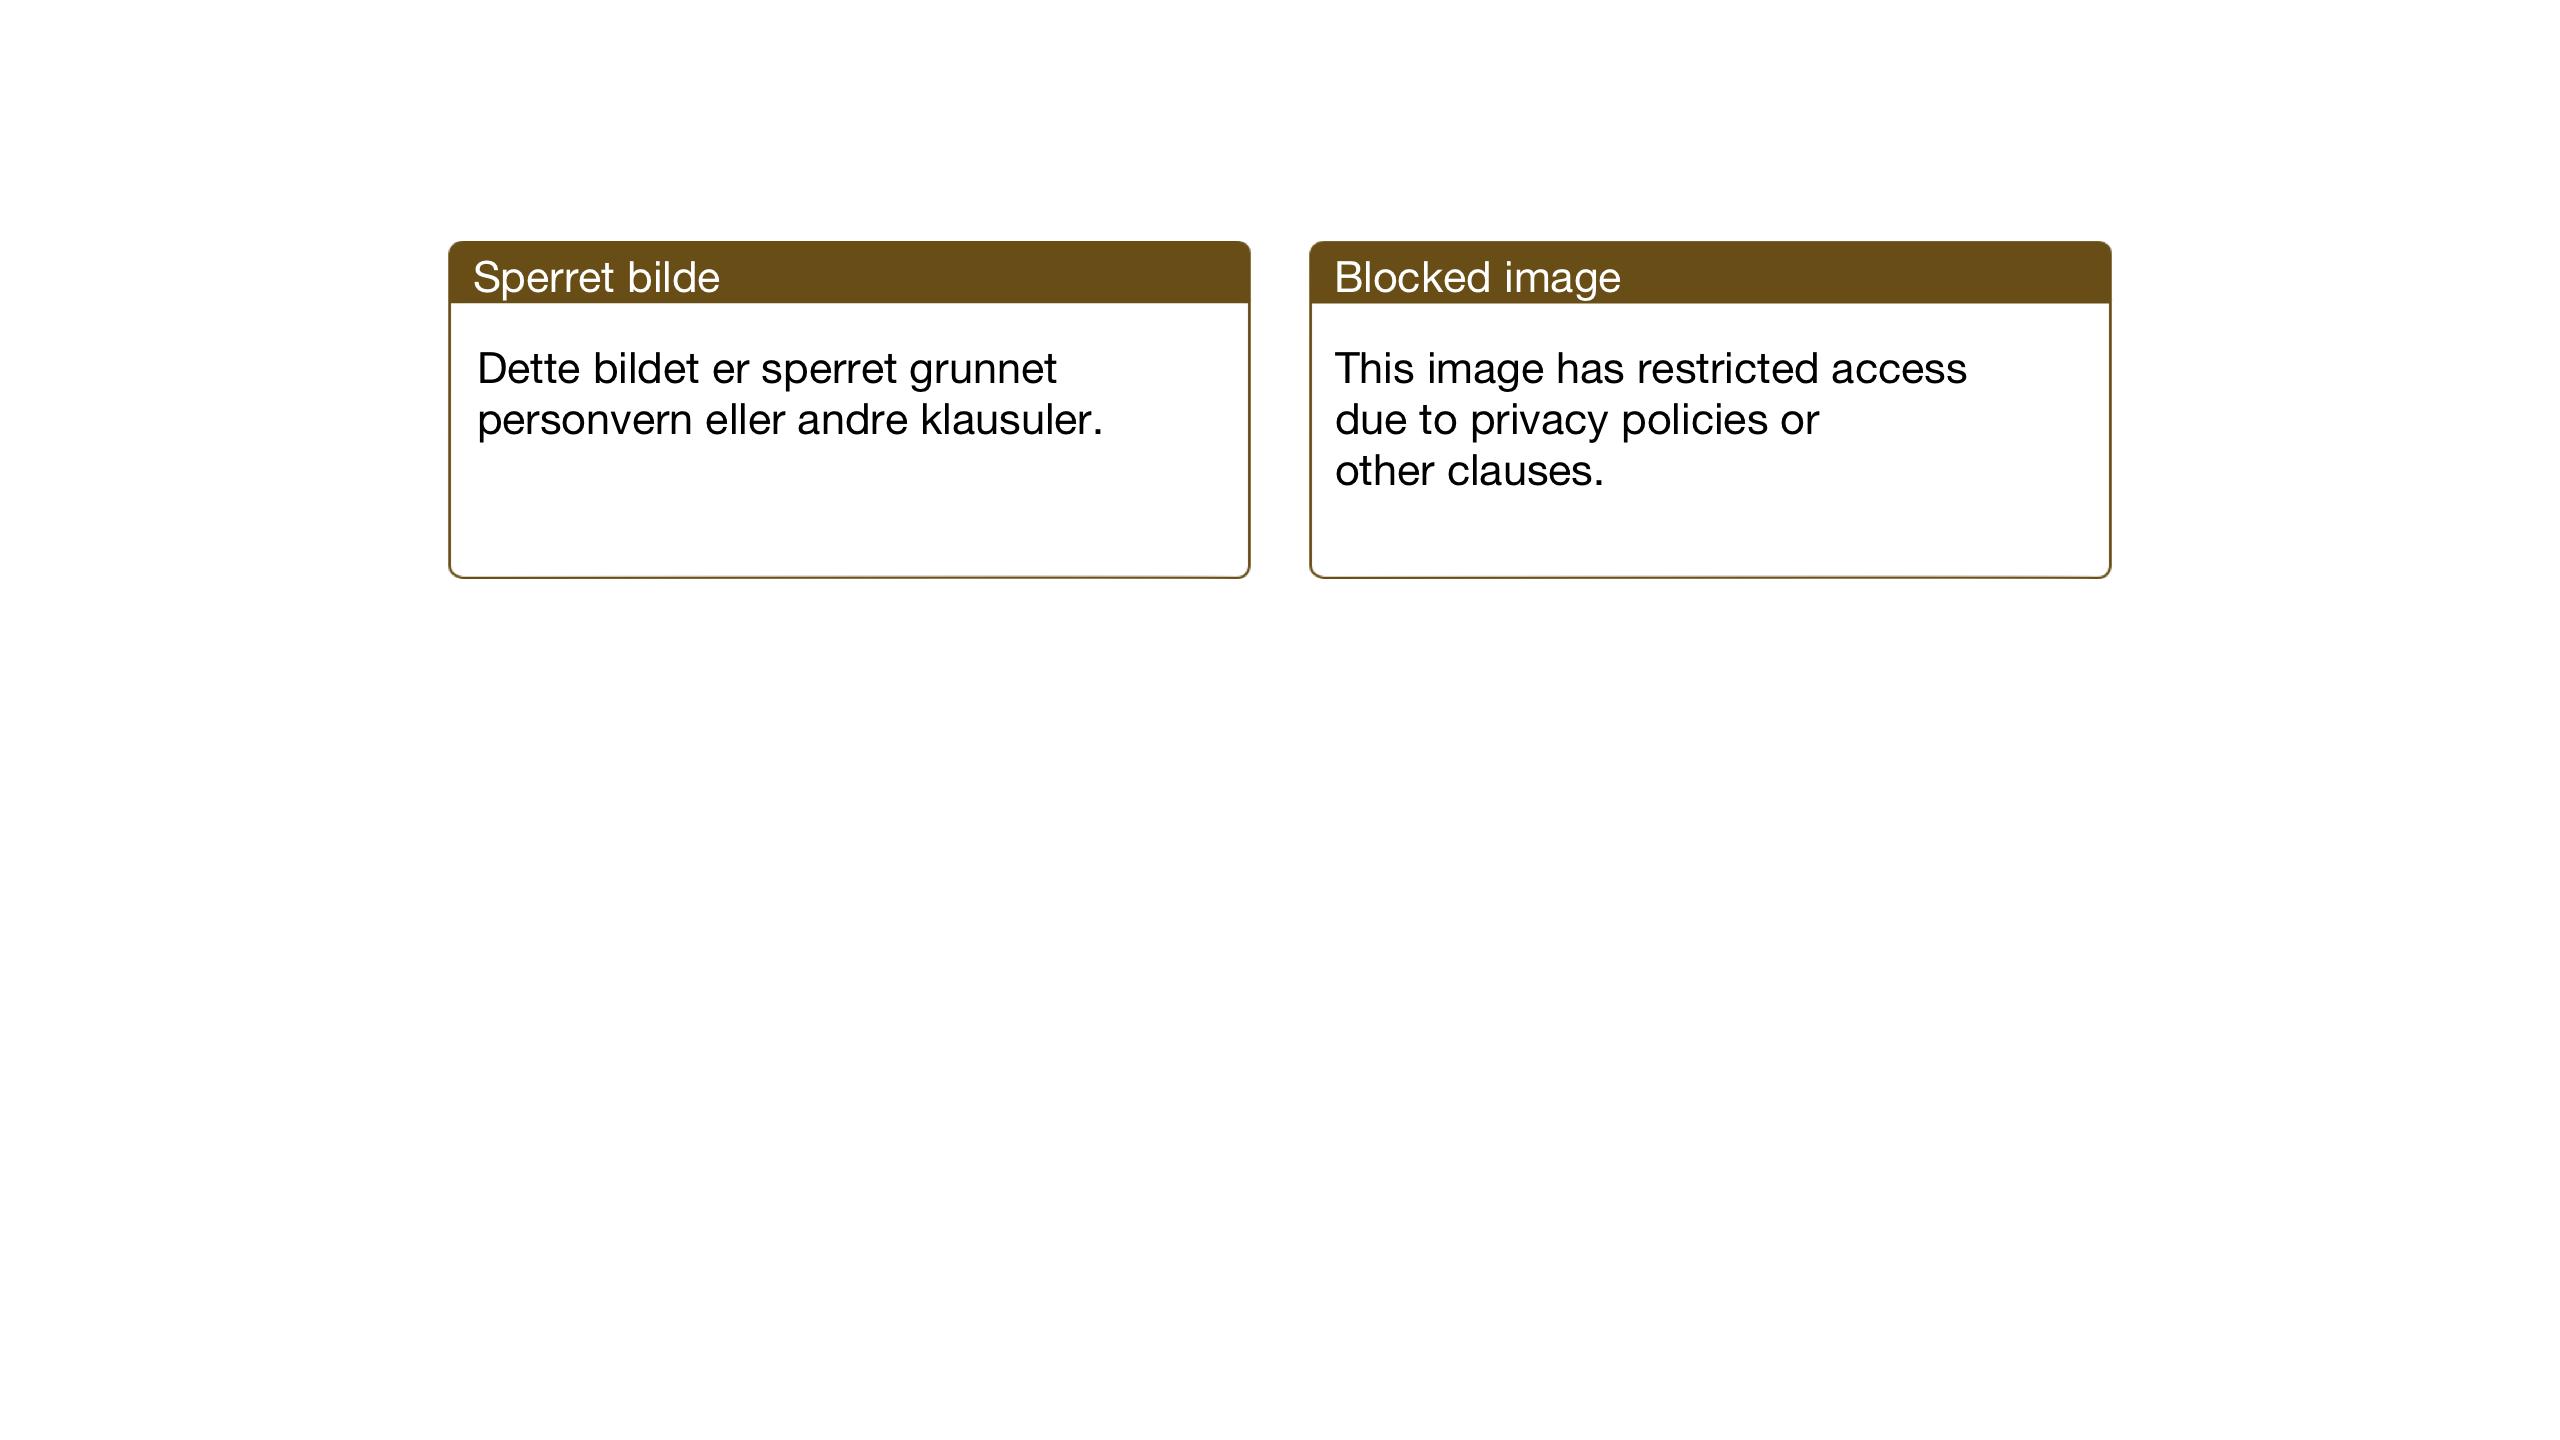 SAT, Ministerialprotokoller, klokkerbøker og fødselsregistre - Sør-Trøndelag, 631/L0515: Klokkerbok nr. 631C03, 1913-1939, s. 67